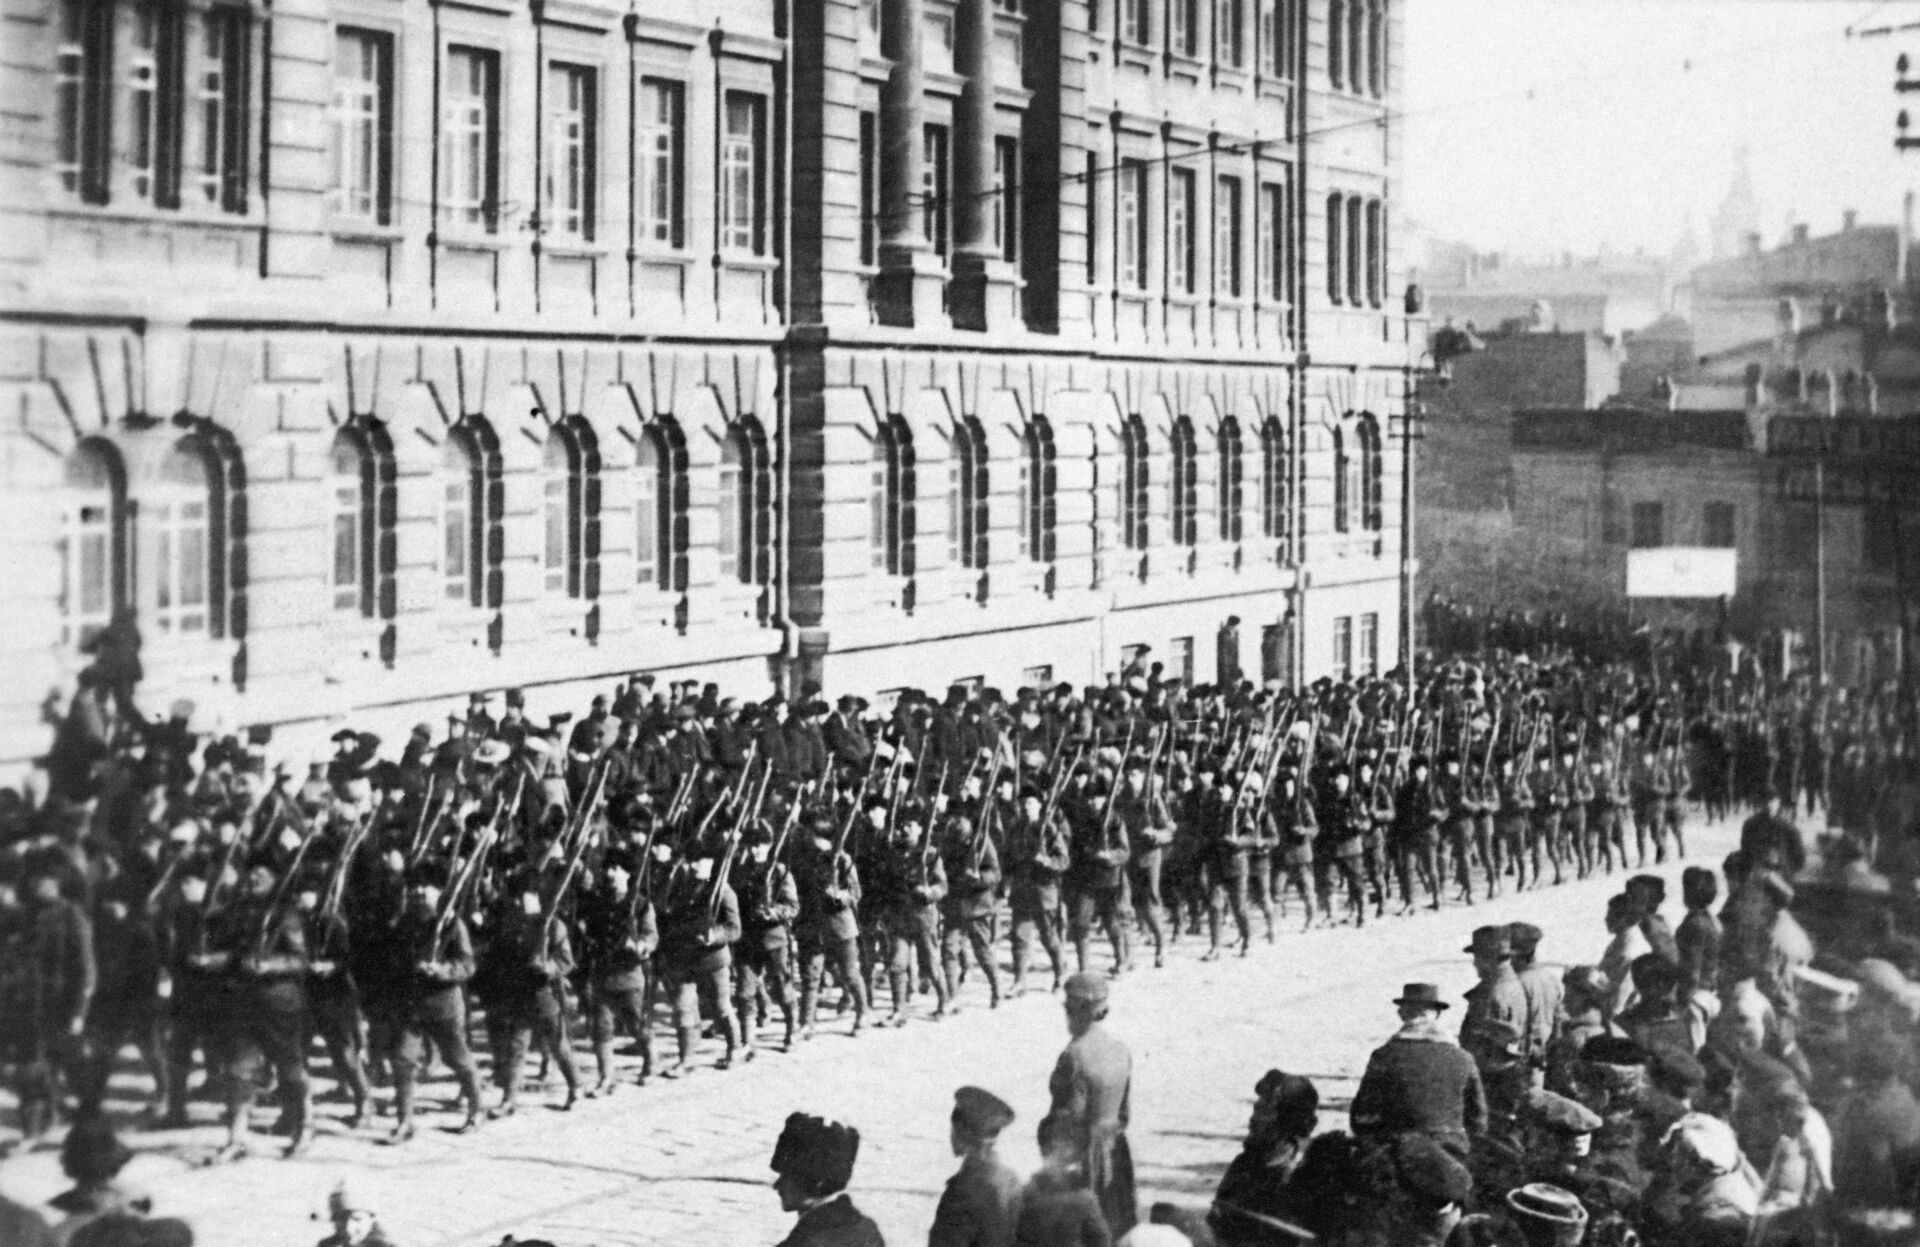 Американские оккупационные войска во Владивостоке. Военная интервенция. Апрель 1918 года  - РИА Новости, 1920, 11.07.2021